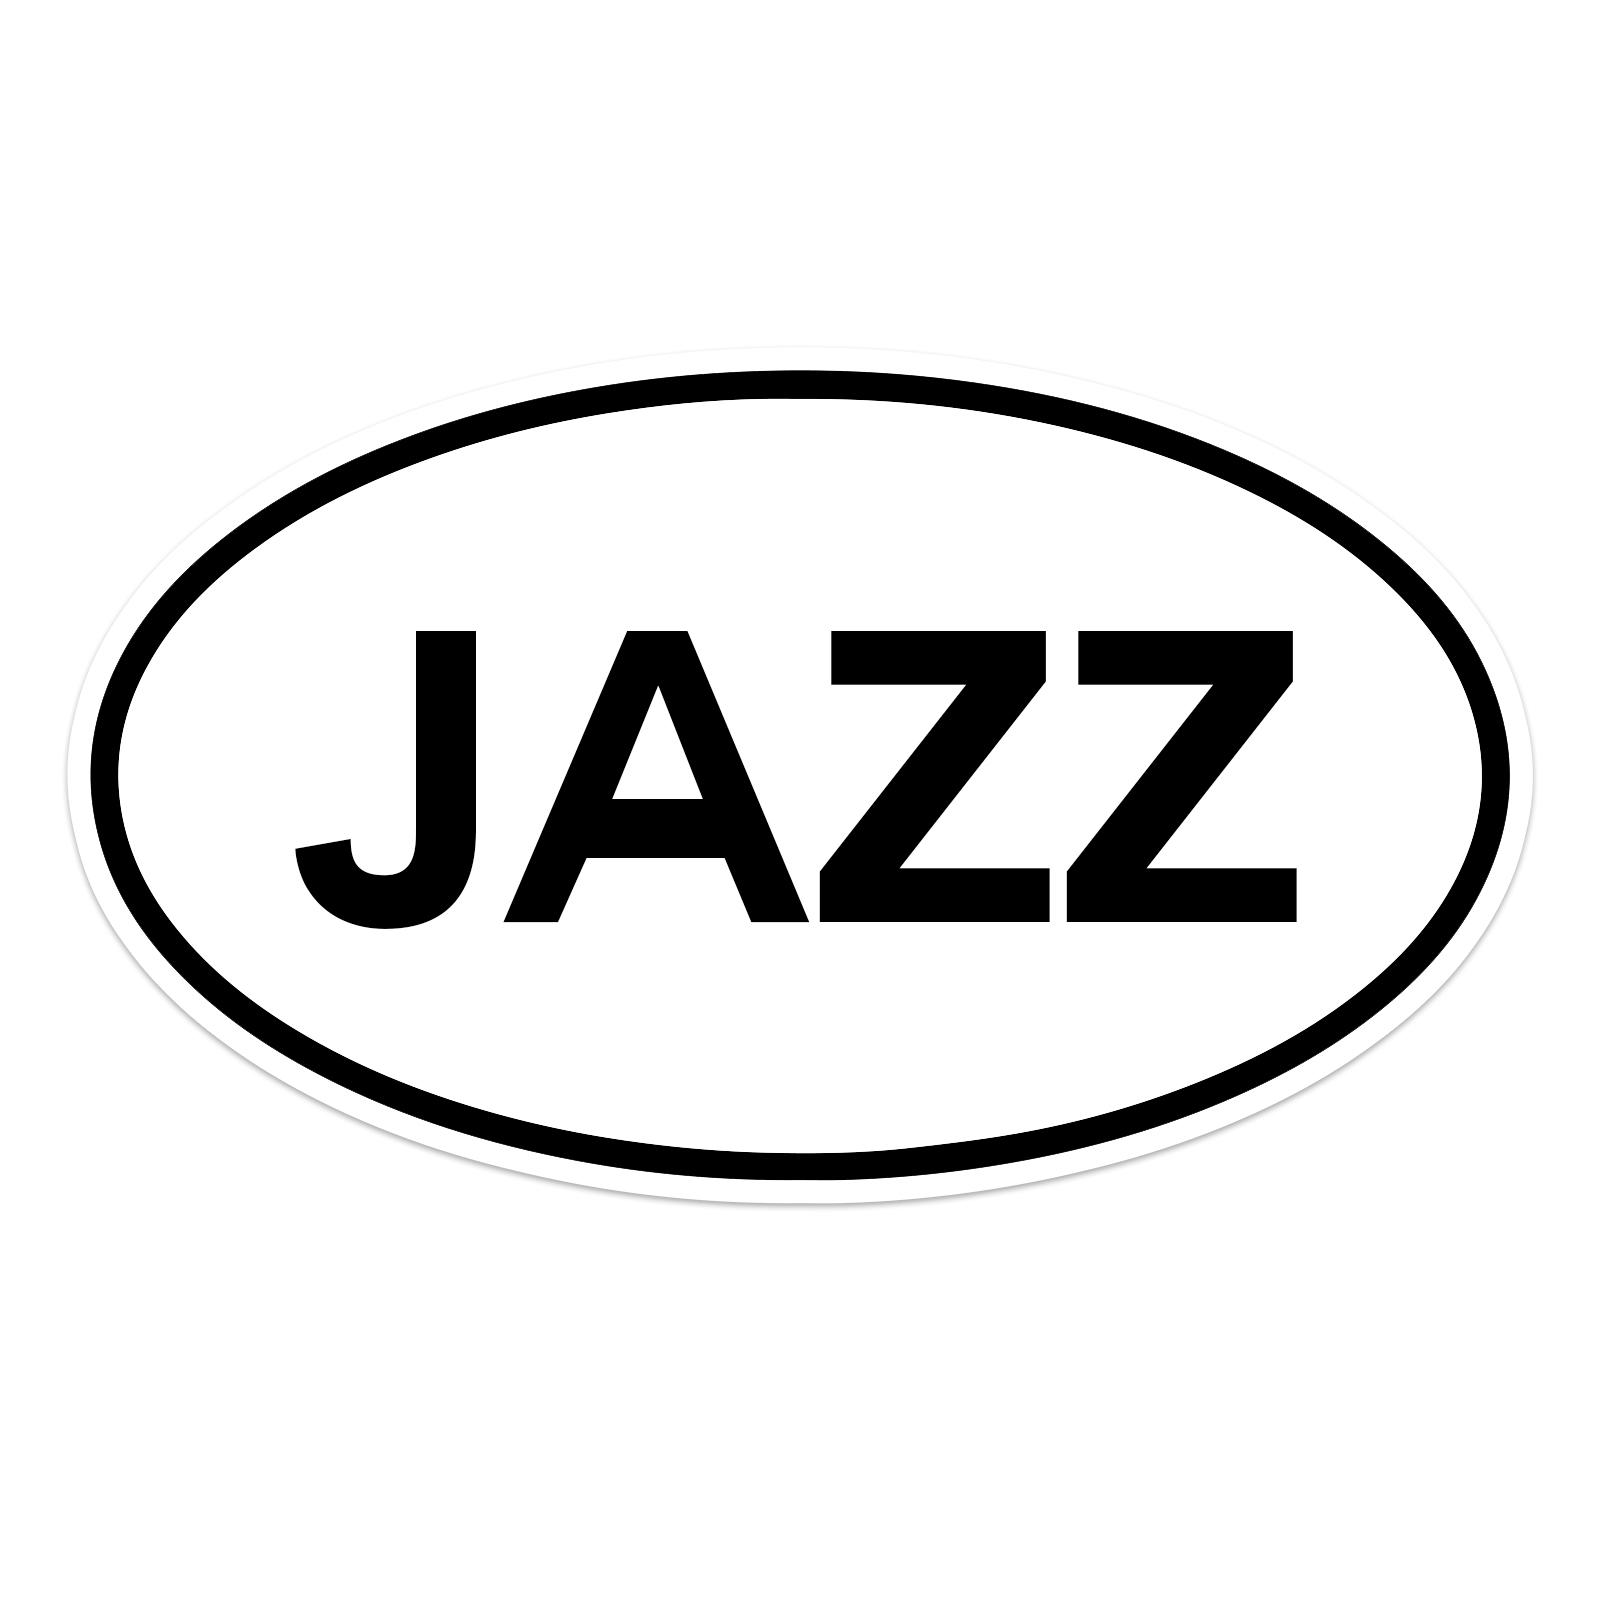 Jazz Oval Guitar Instrument Case Sticker